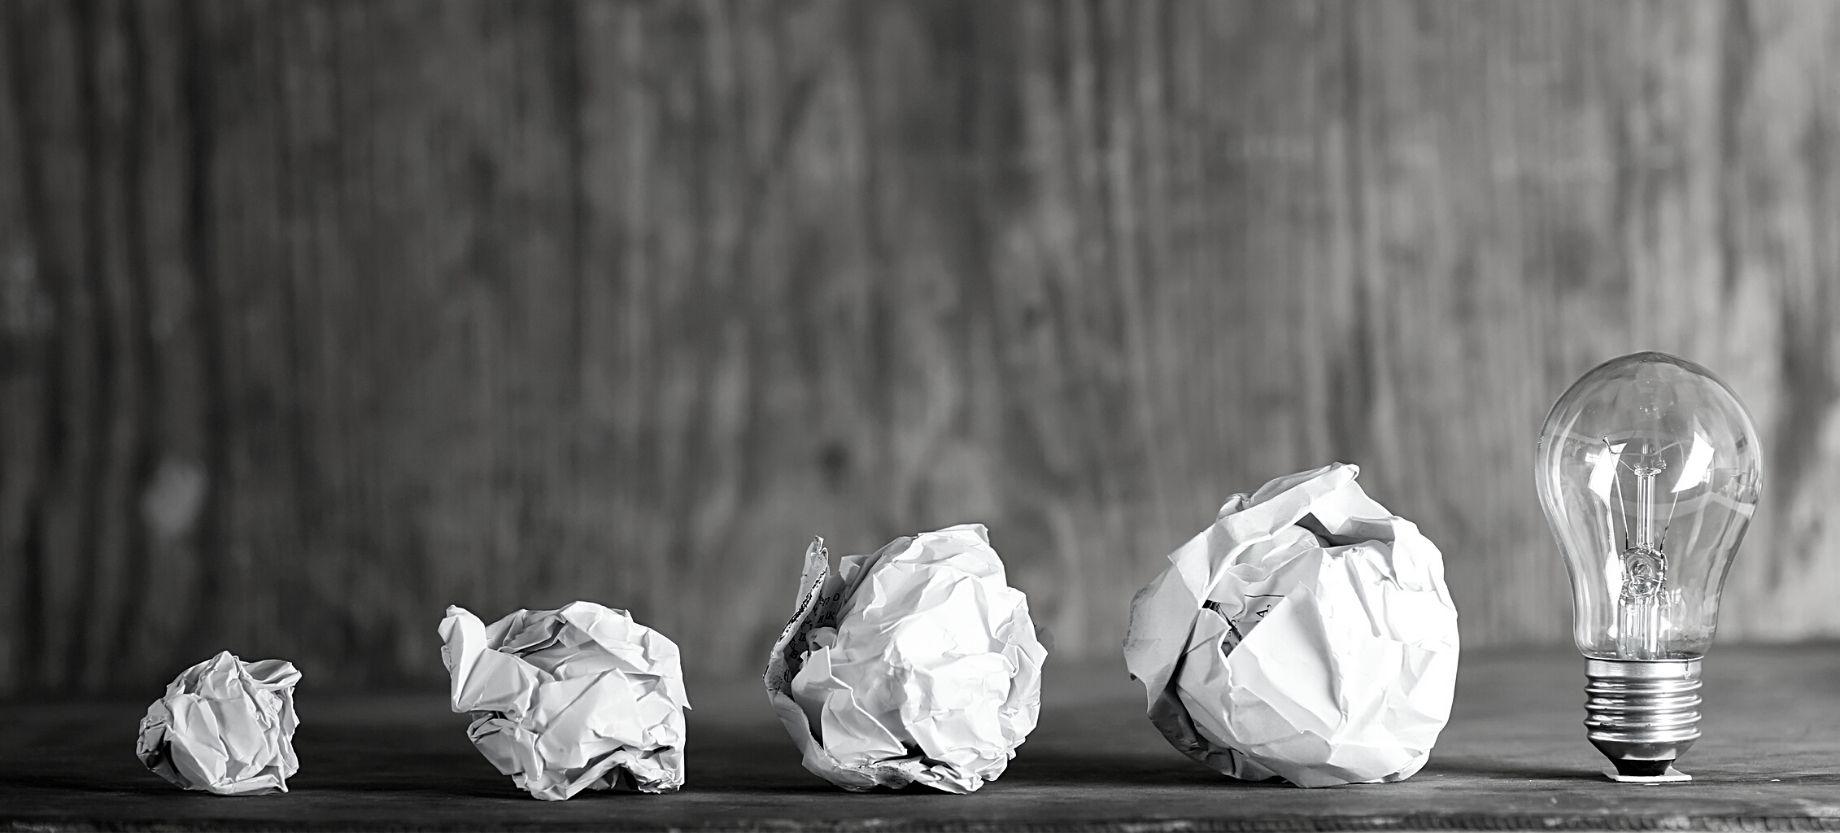 Paper Balls and a Light Bulb